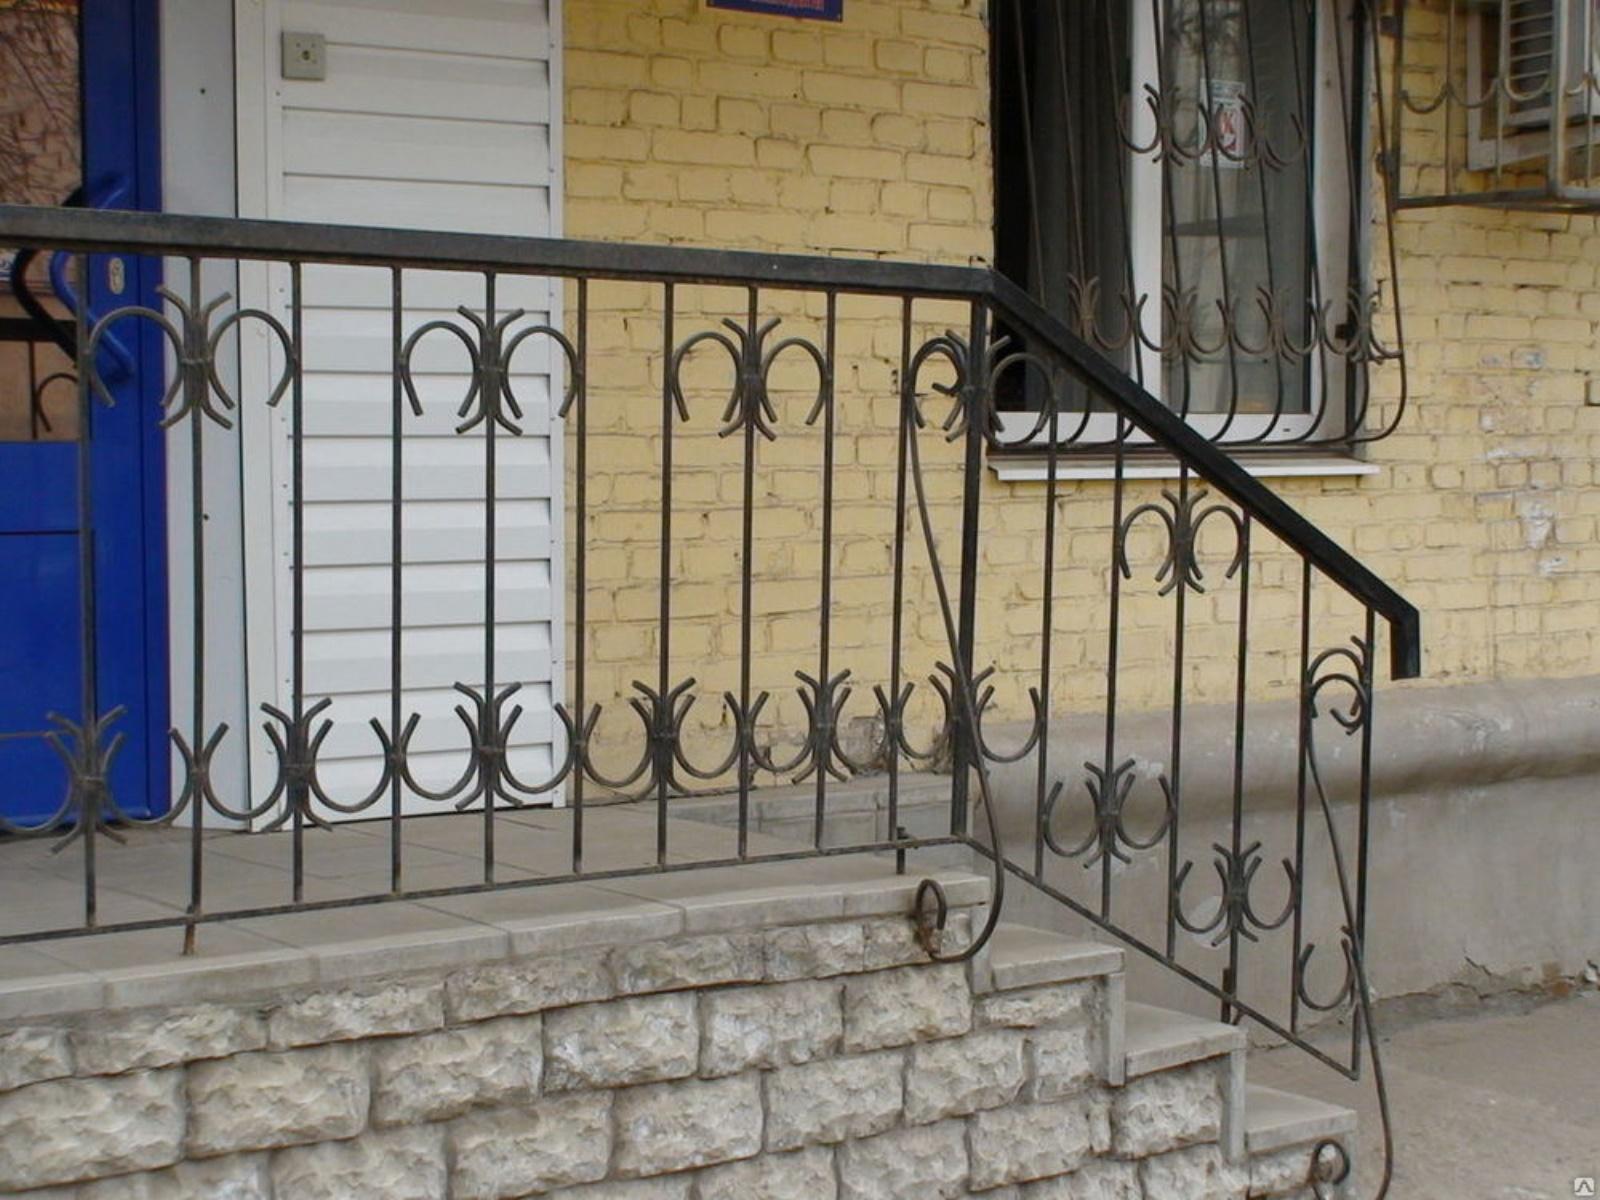 Фото кованых перил: для лестниц в доме и на улице, на крыльцо, на балкон, красивые сварные-металлические защитные конструкции, белые, с патиной, в нашей галерее